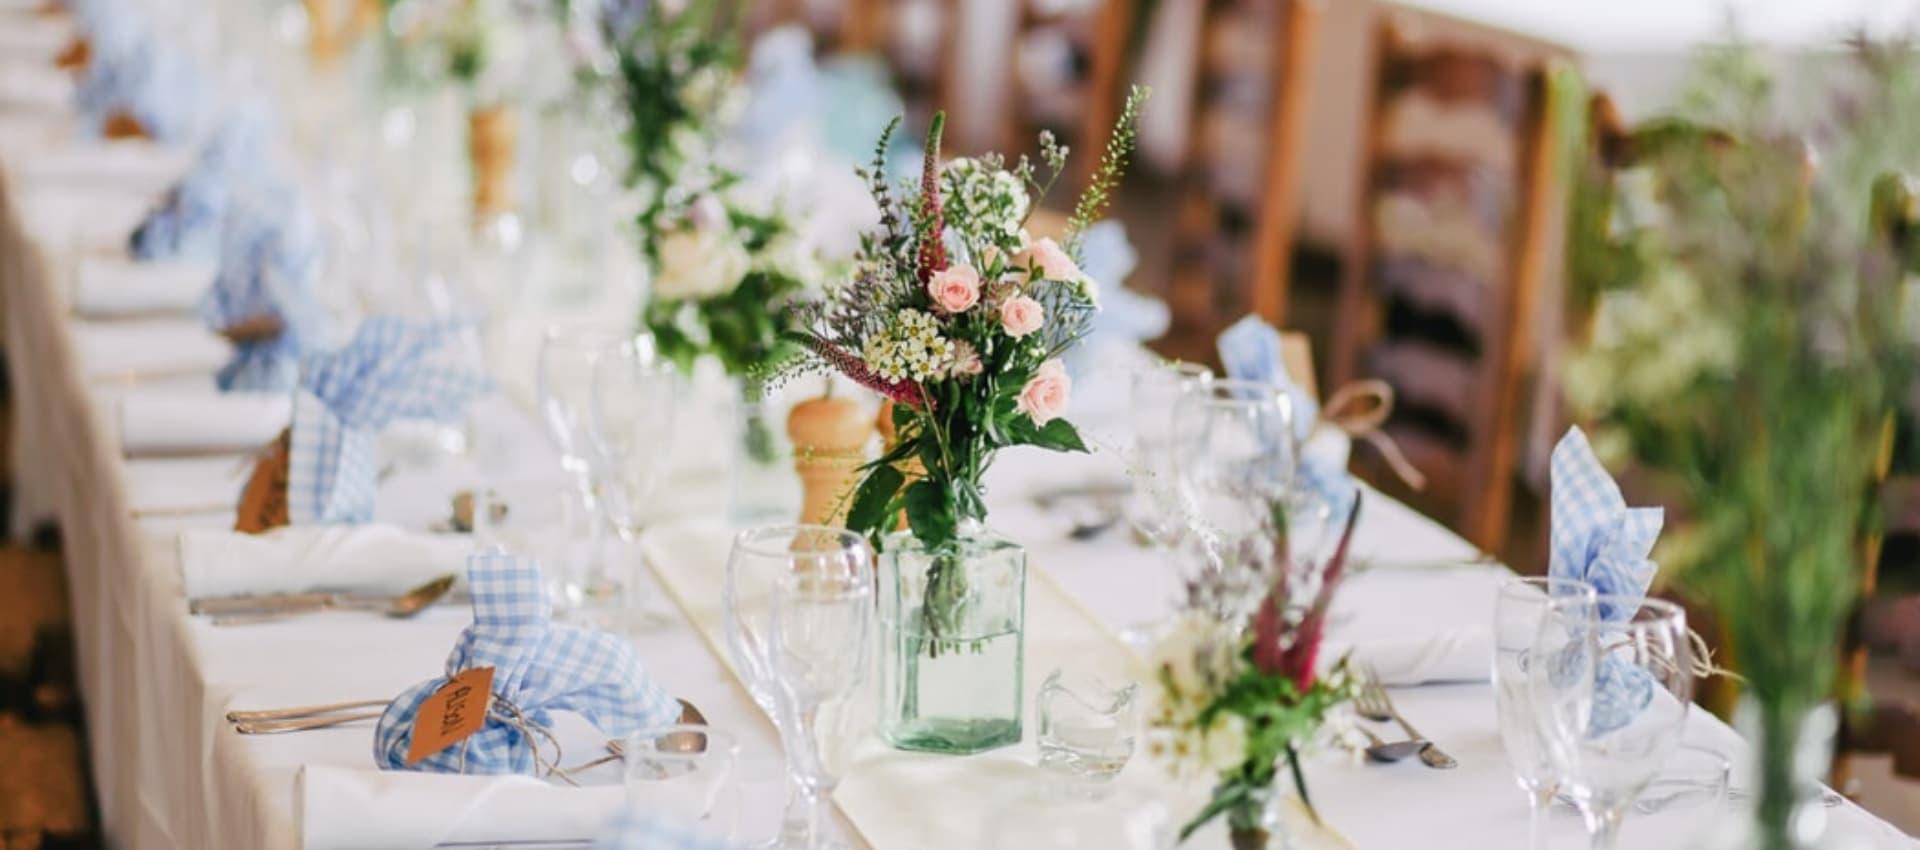 banquetes de boda en Madrid